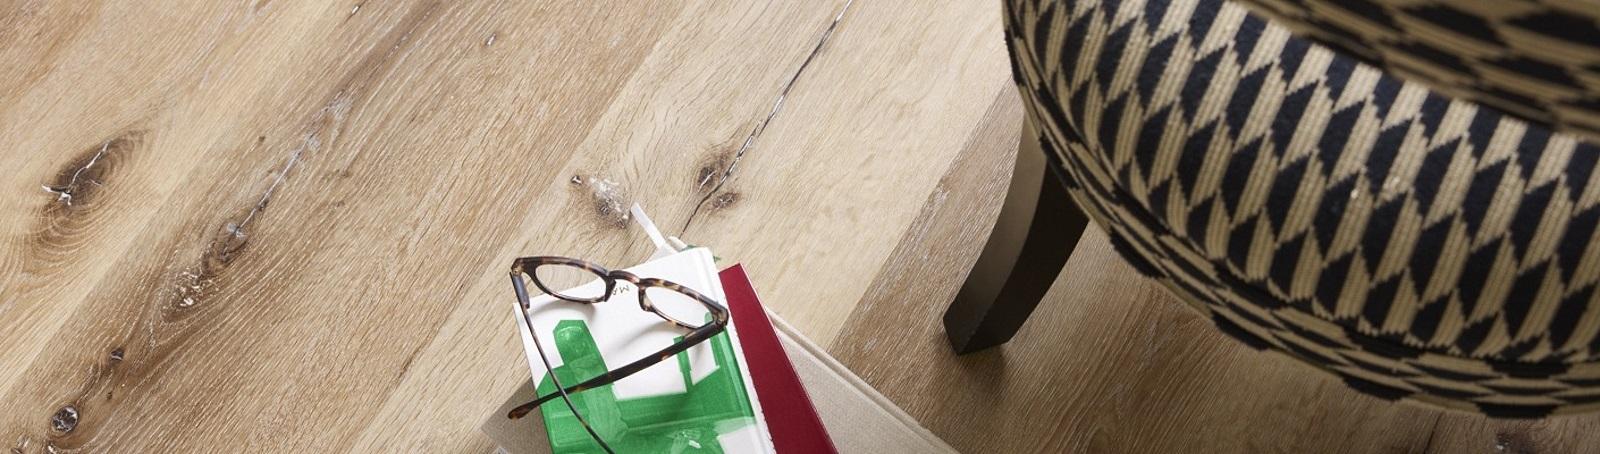 berryAlloc Spirit Home 30 Click Designboden mit authentischen Dekoren und stabilem sowie gesundem Rigid-Core Aufbau